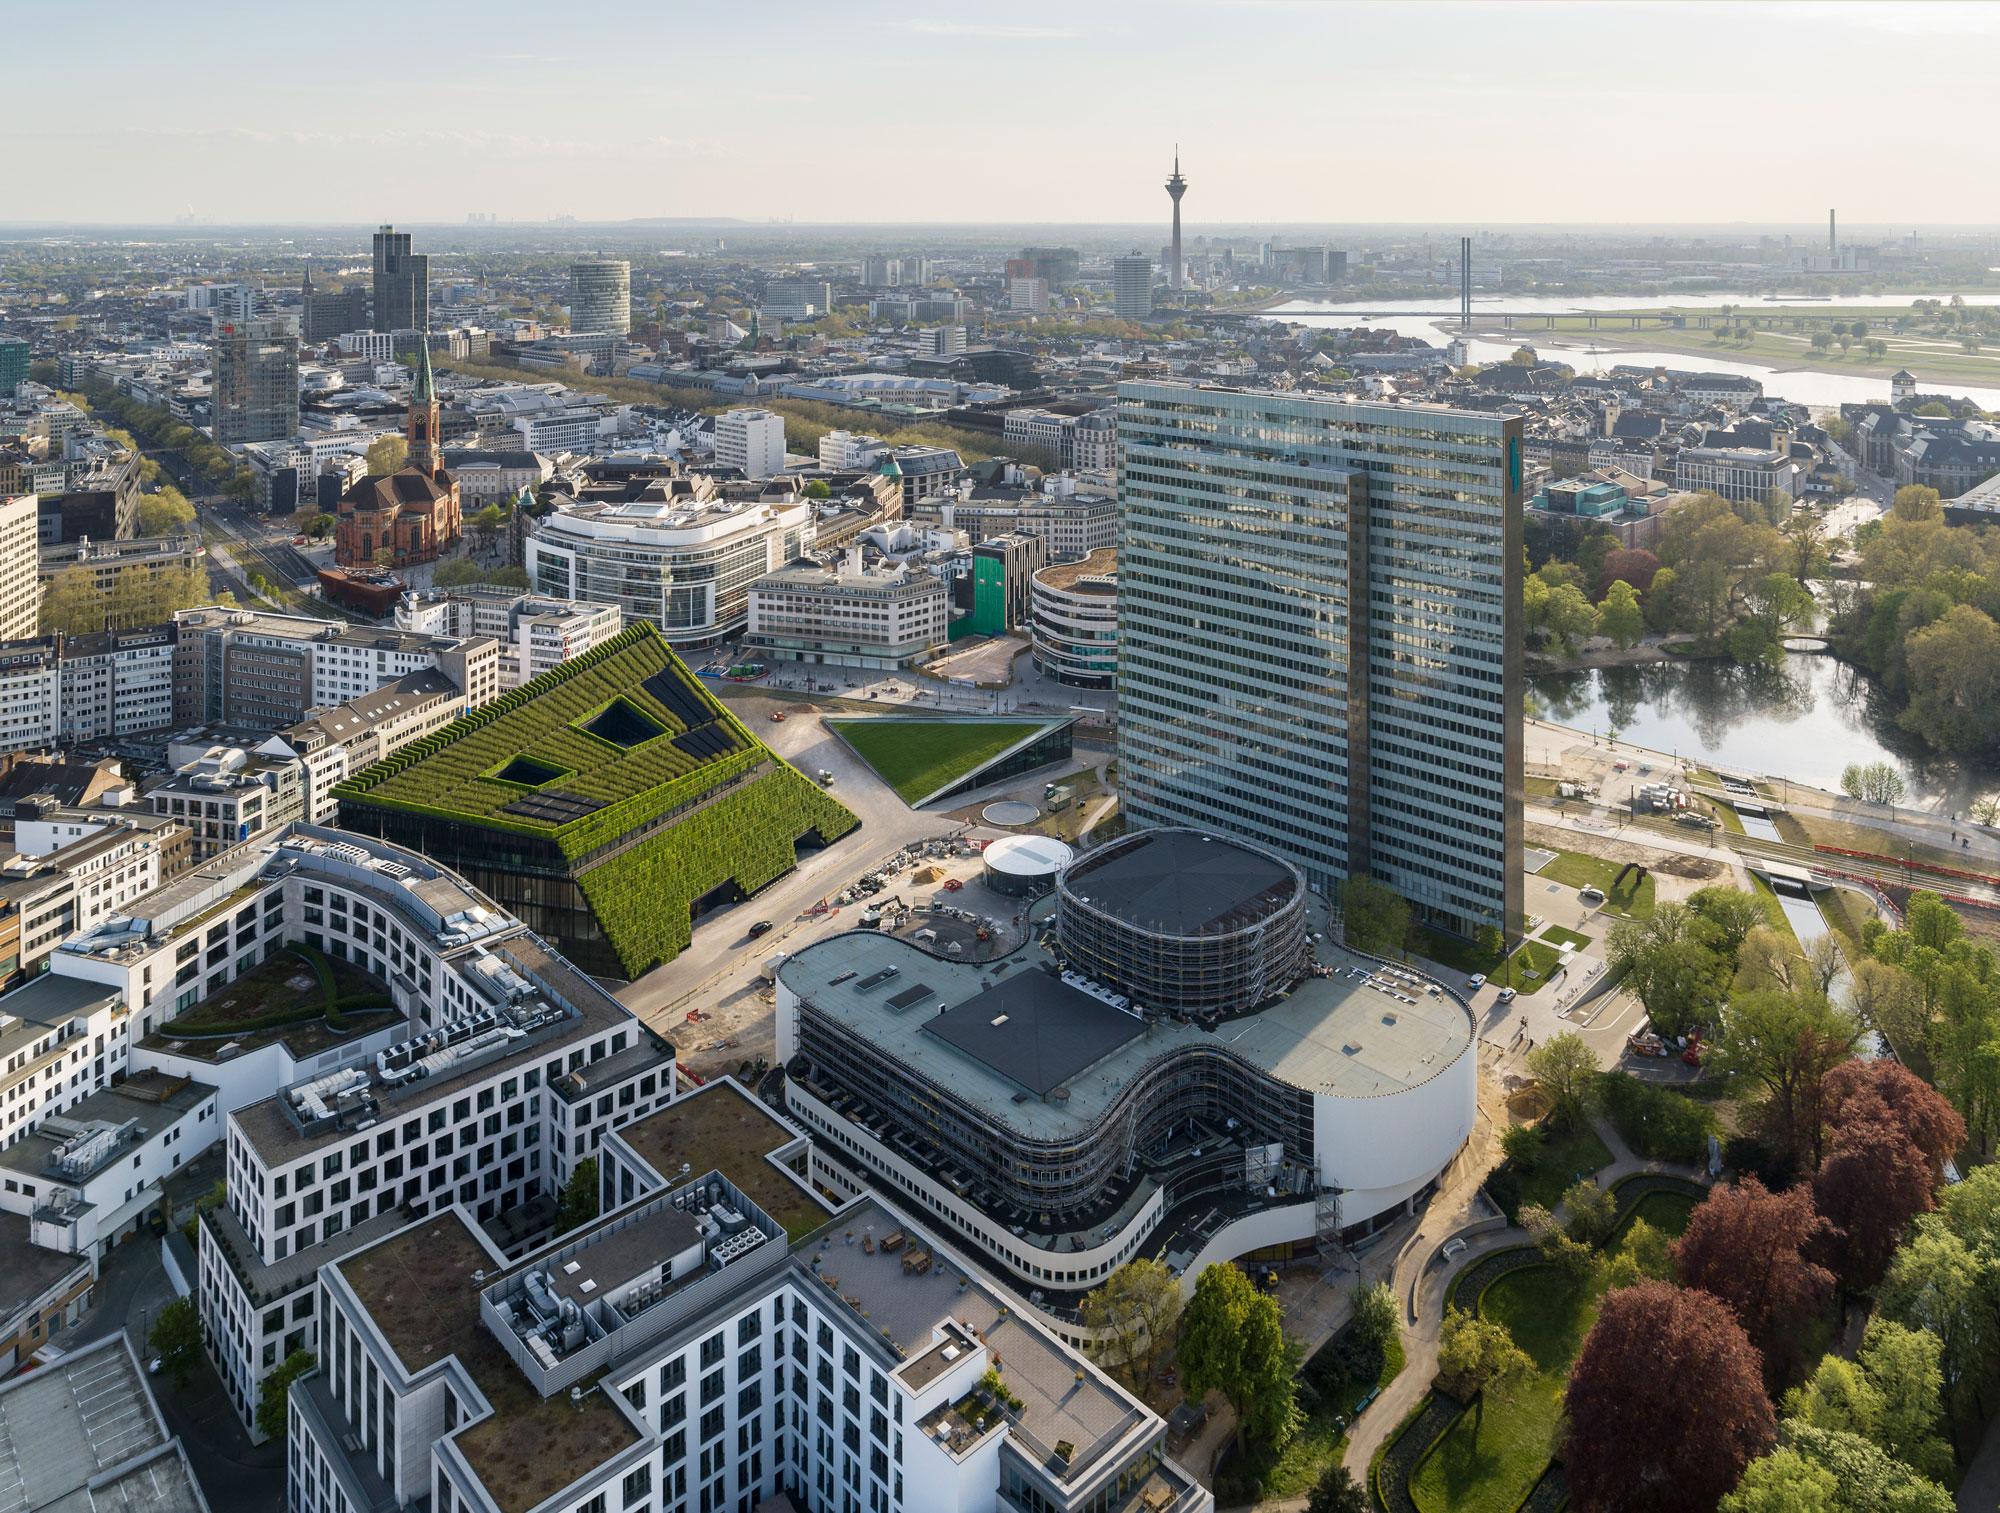 Spektakulär: Der begrünte Kö-Bogen II in der Düsseldorfer Innenstadt. Foto: ingenhoven architects/HGEsch